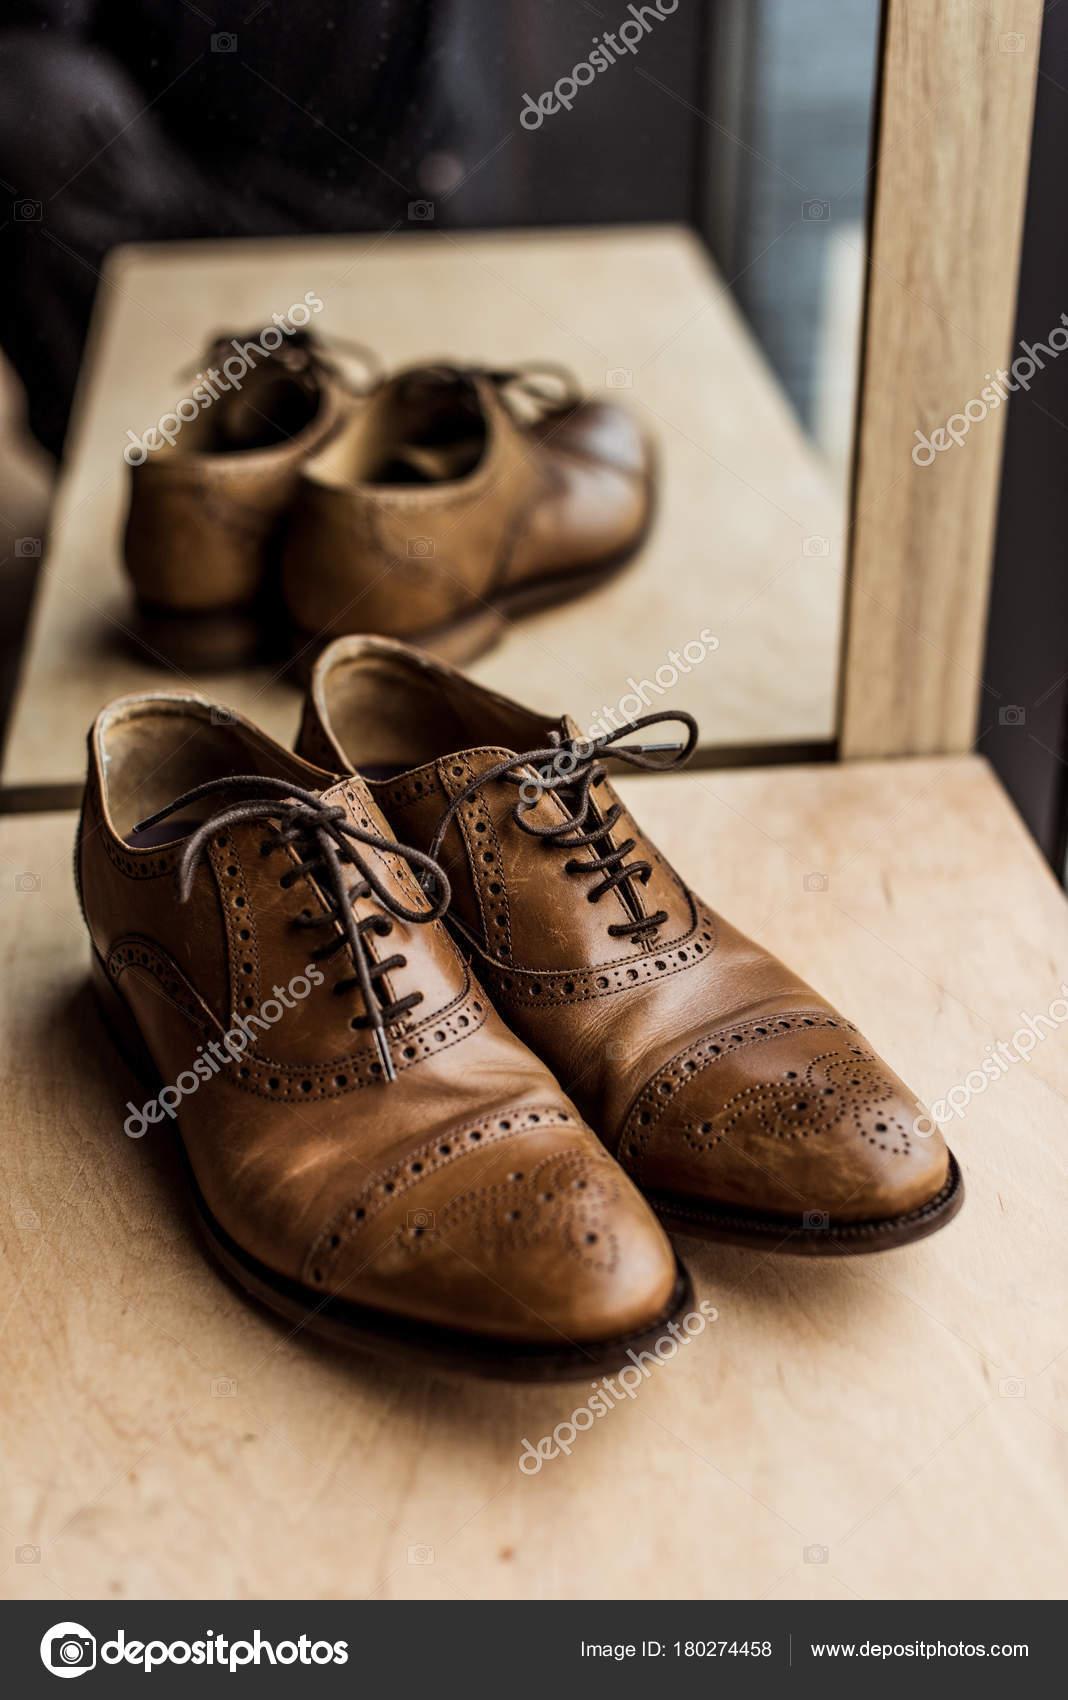 Сучасні Коричневий Чоловічого Взуття Вітрина Магазин — Стокове фото ... c3ef99ae9ea94